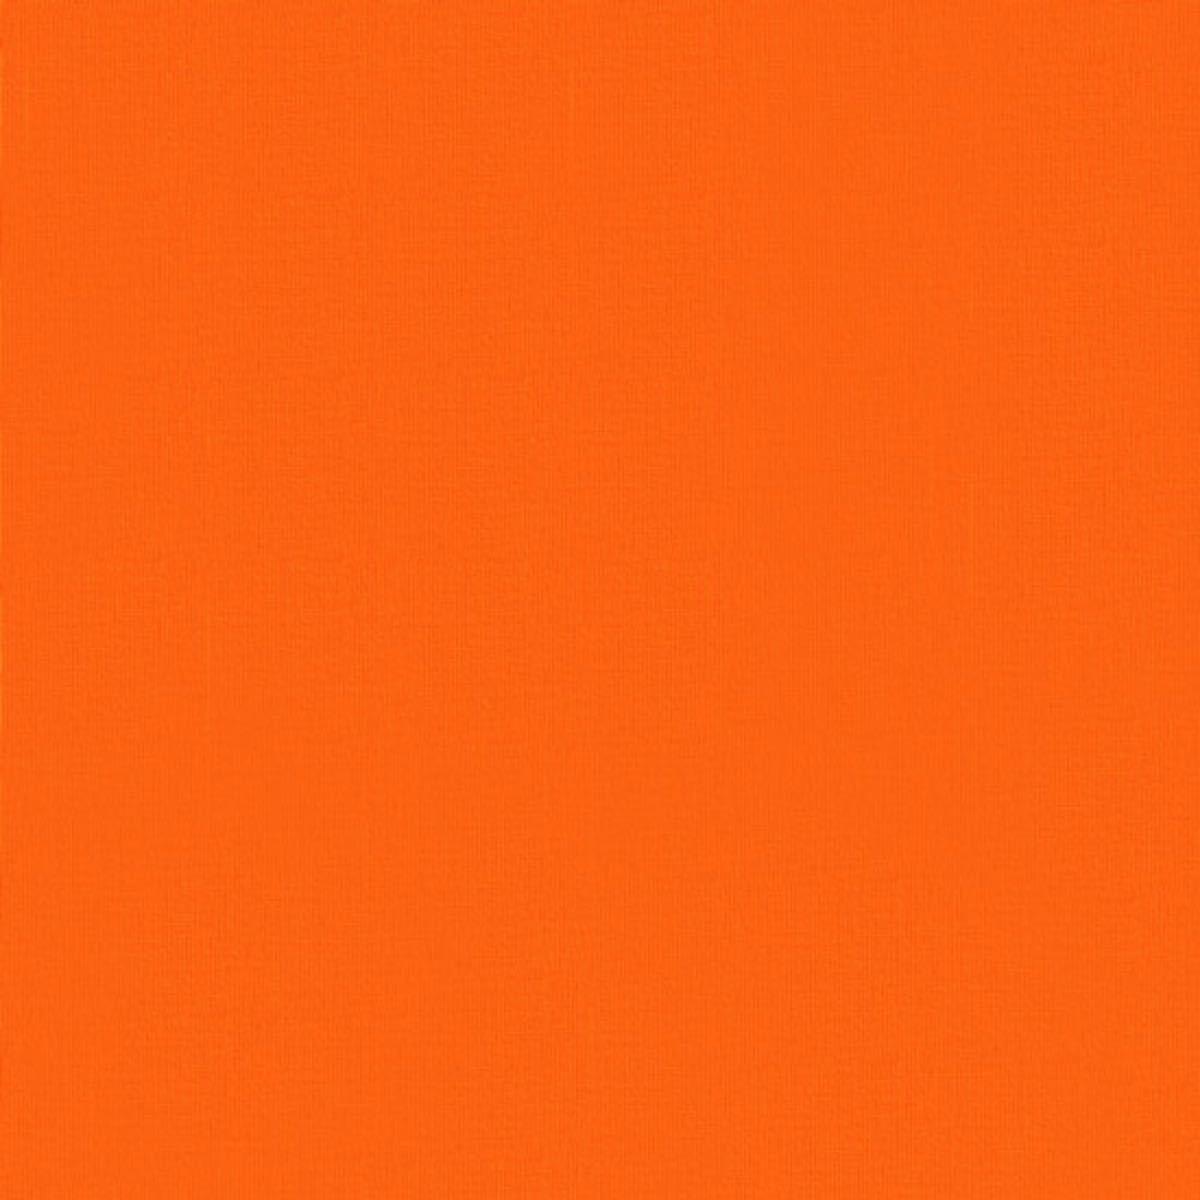 ネイルチップ フルーツネイル 桃 ニュアンスグラデ【10本・1回分接着テープ付】